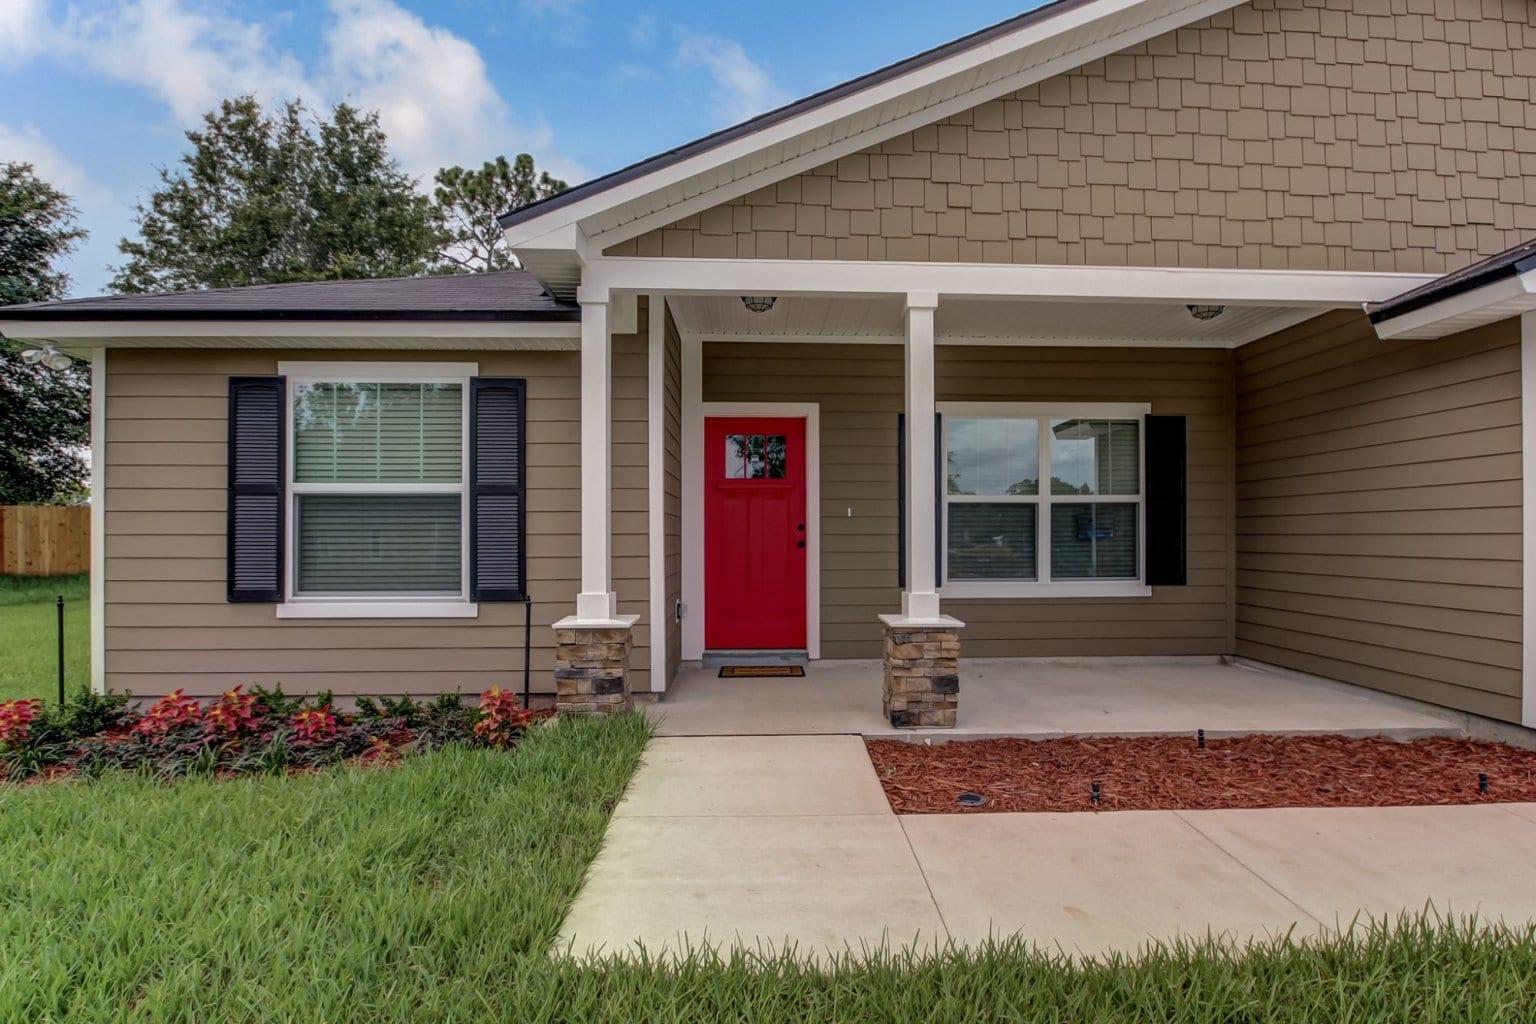 red door on house